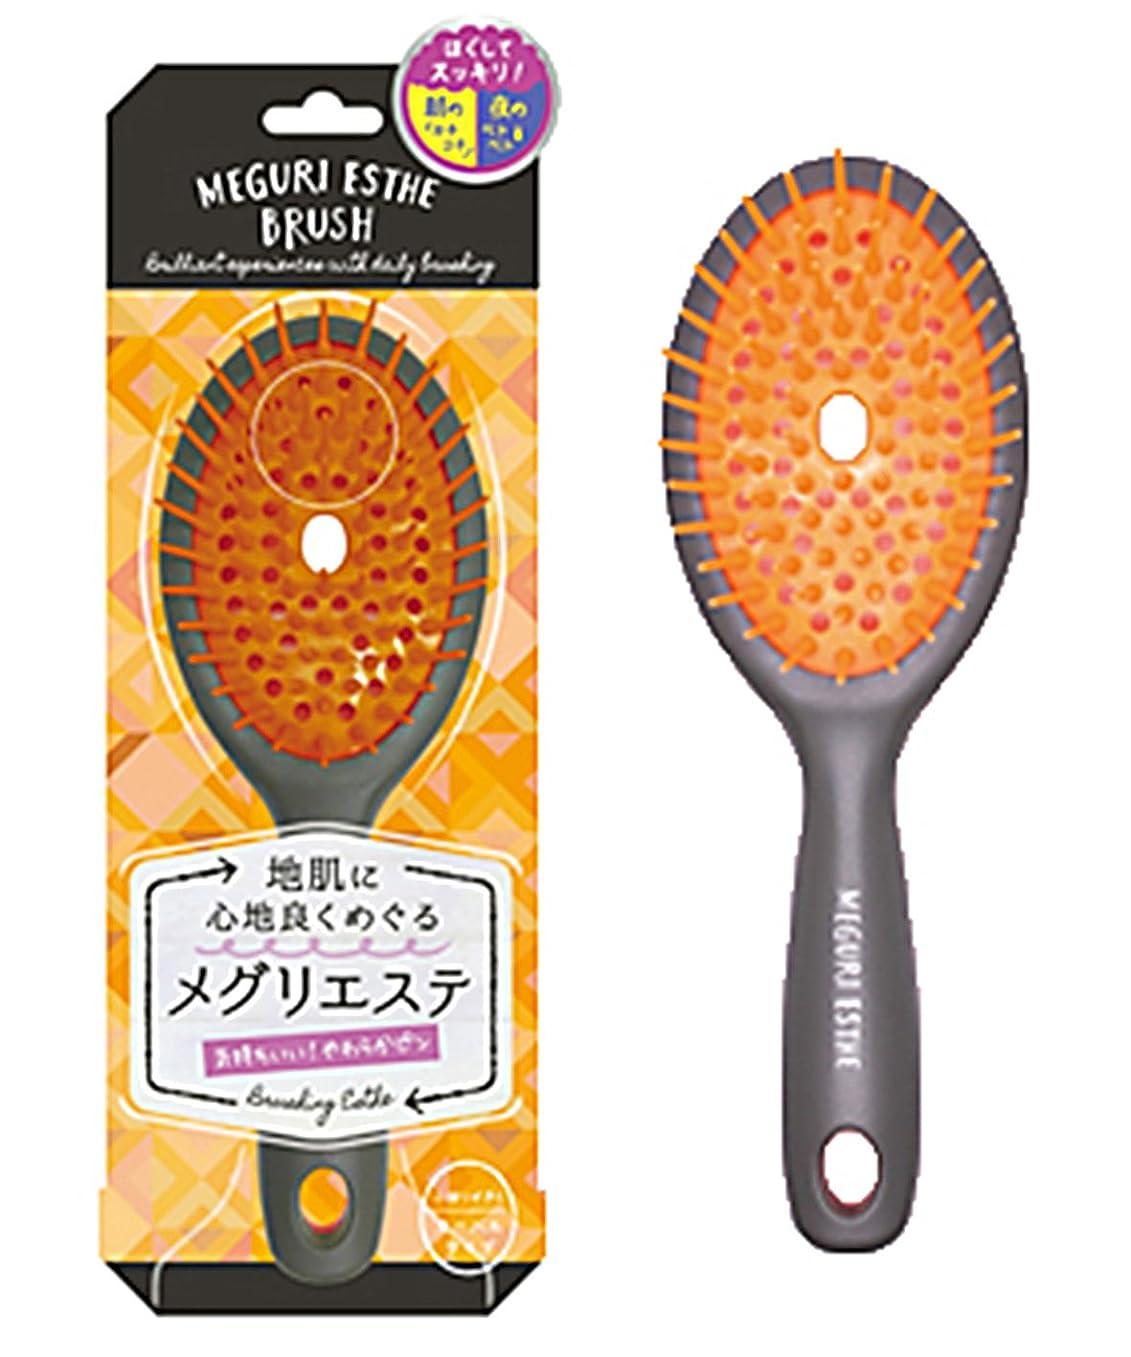 精神的にローズ後継ラッキーウィンク メグリエステブラシ オーバル(オレンジ) MEB800